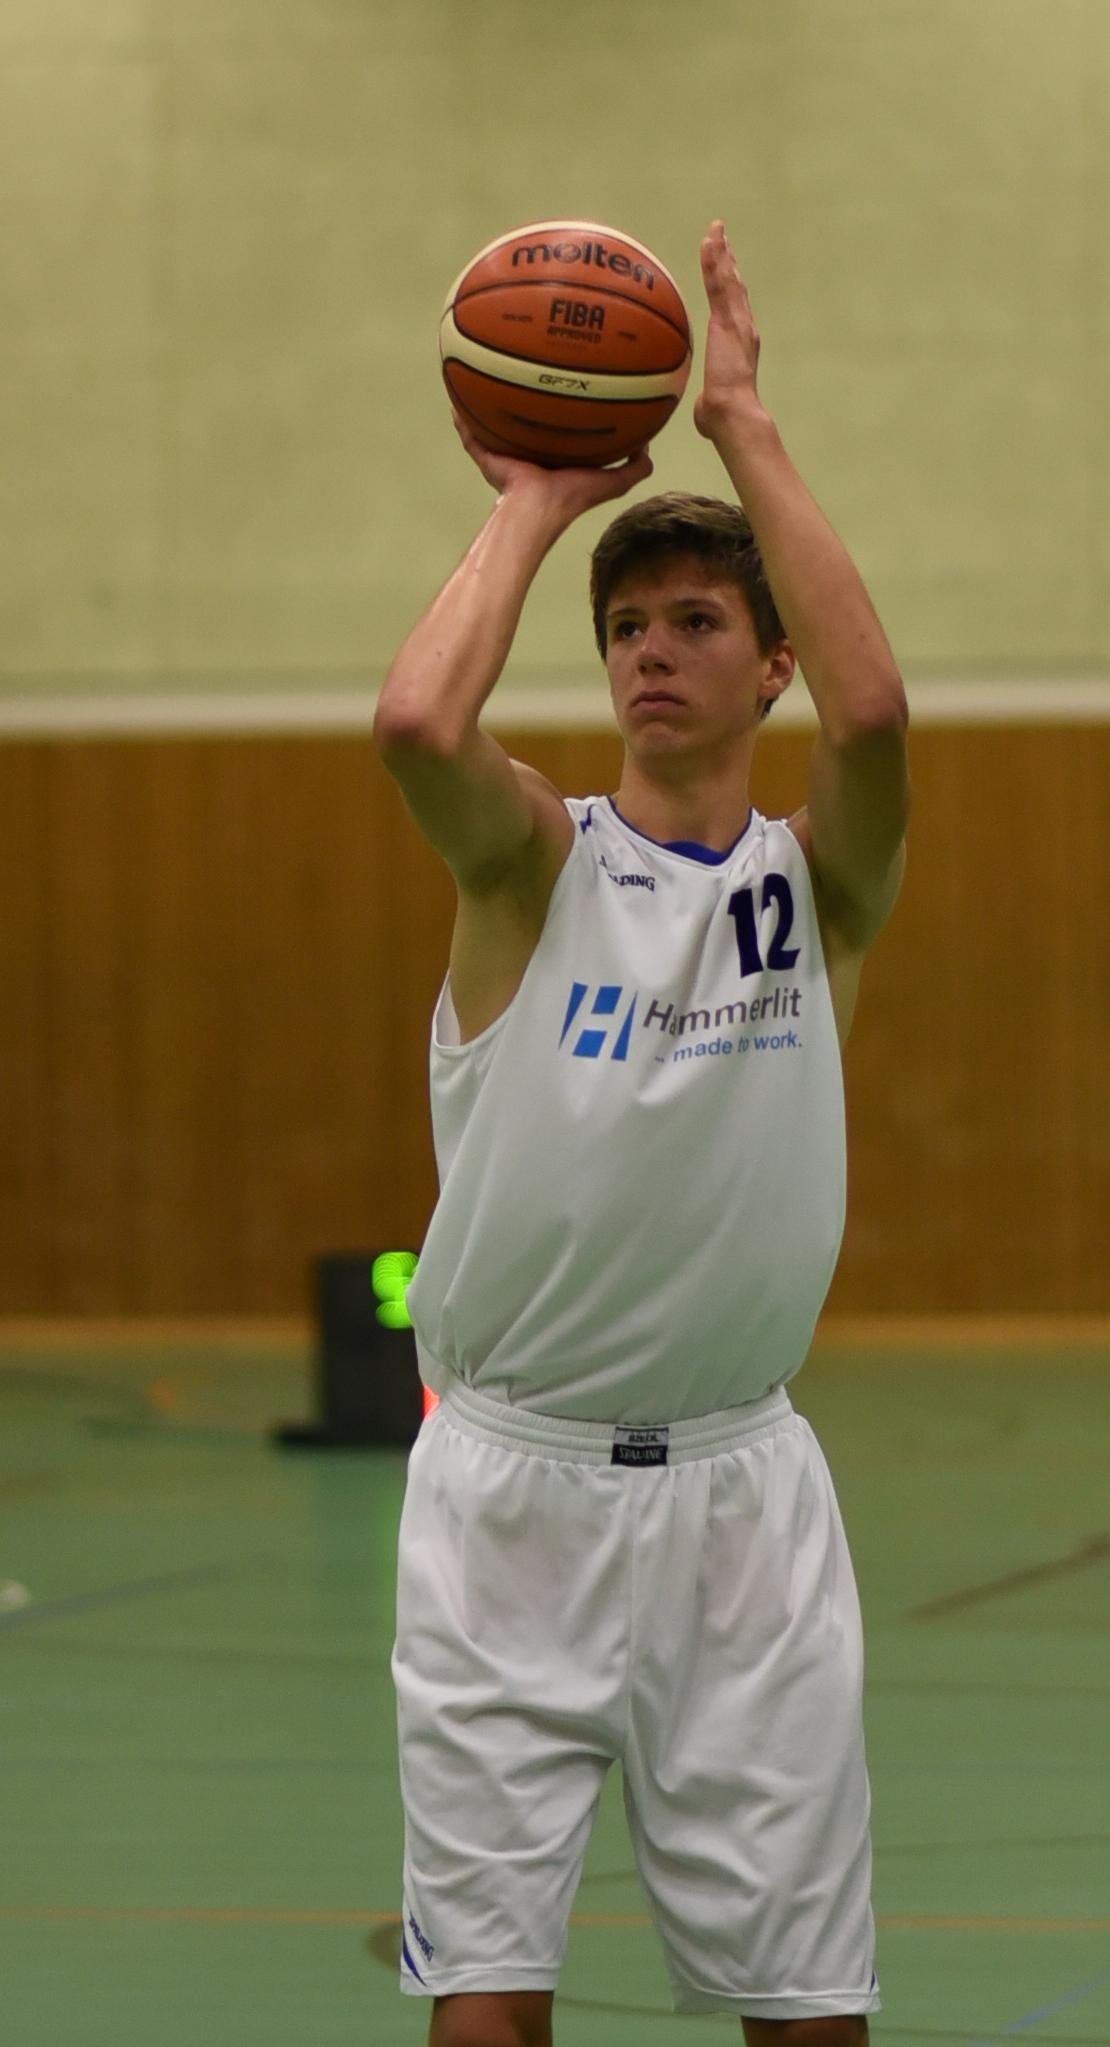 67:40 – Logabirumer U18 beschert sich mit vierten Sieg in Folge vier Endspiele